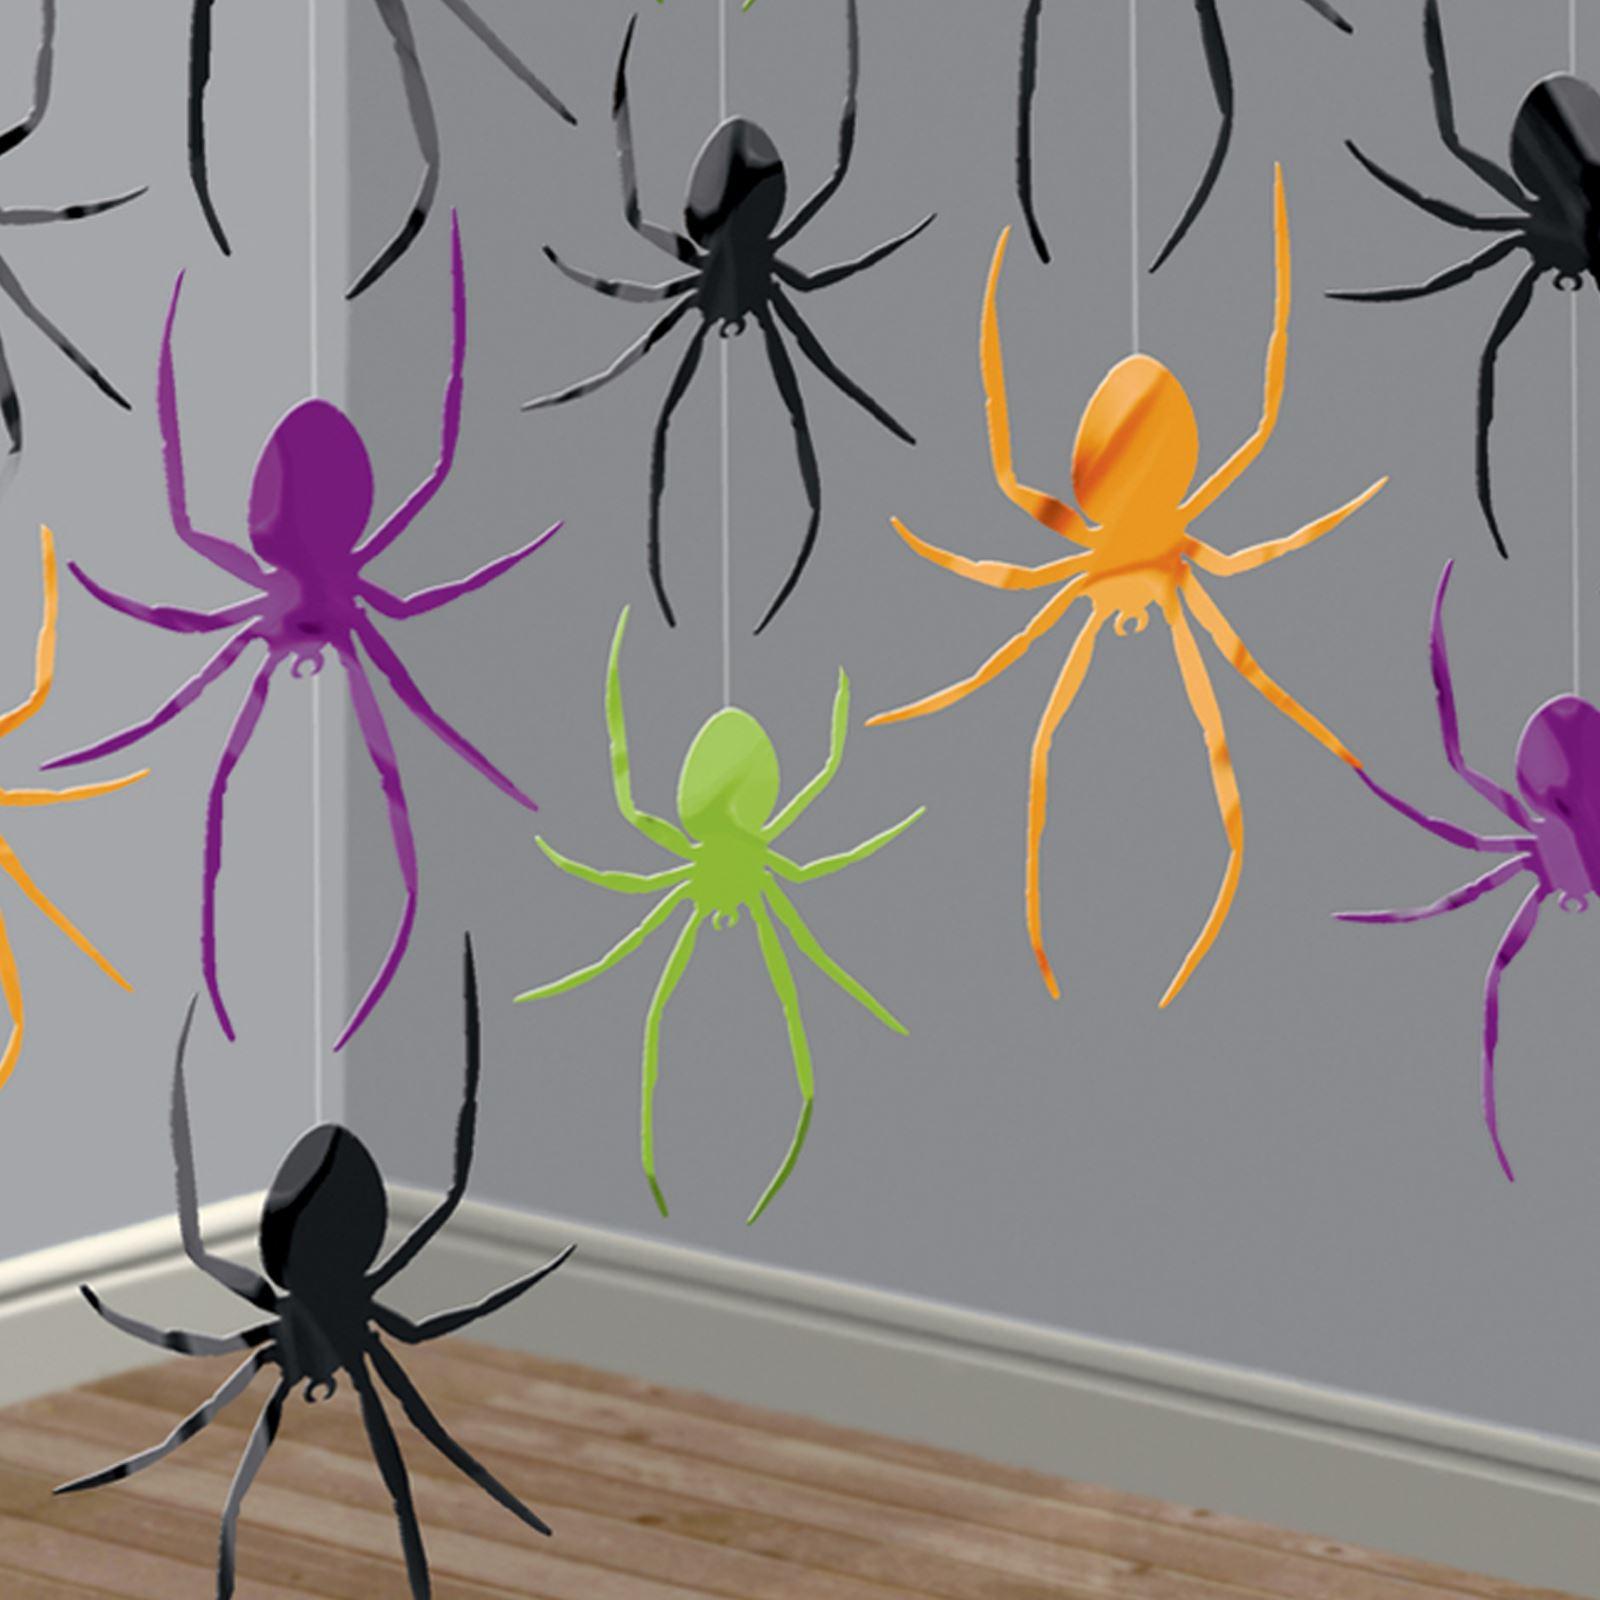 Halloween Spirale Dekorationen 6er Strudel Spinne Hexe Ghost hängende Deko Heiß